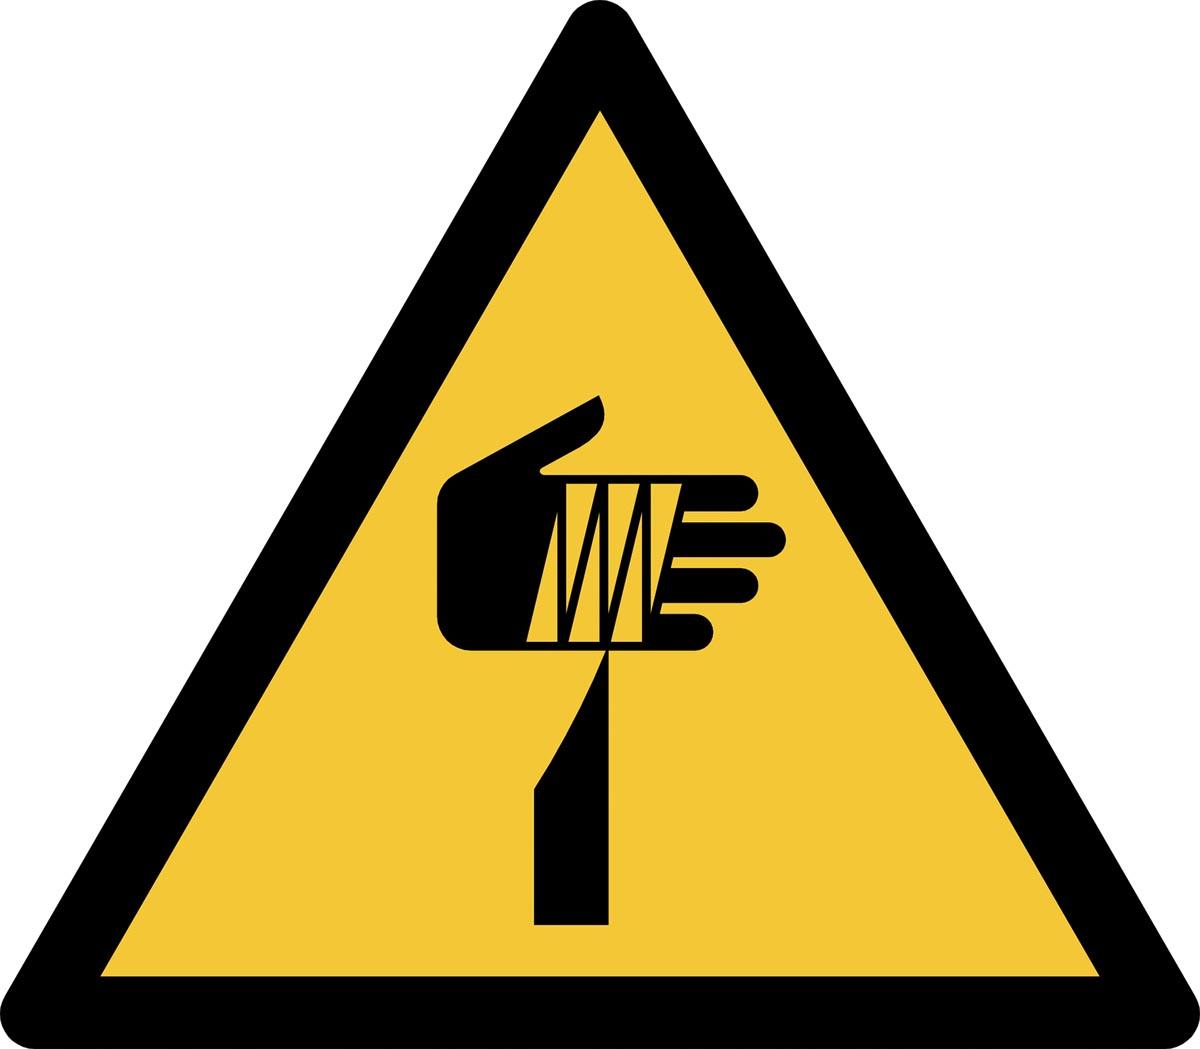 Tarifold waarschuwingsbord uit PP, gevaar voor scherpe elementen, ft 20 x 17,6 cm